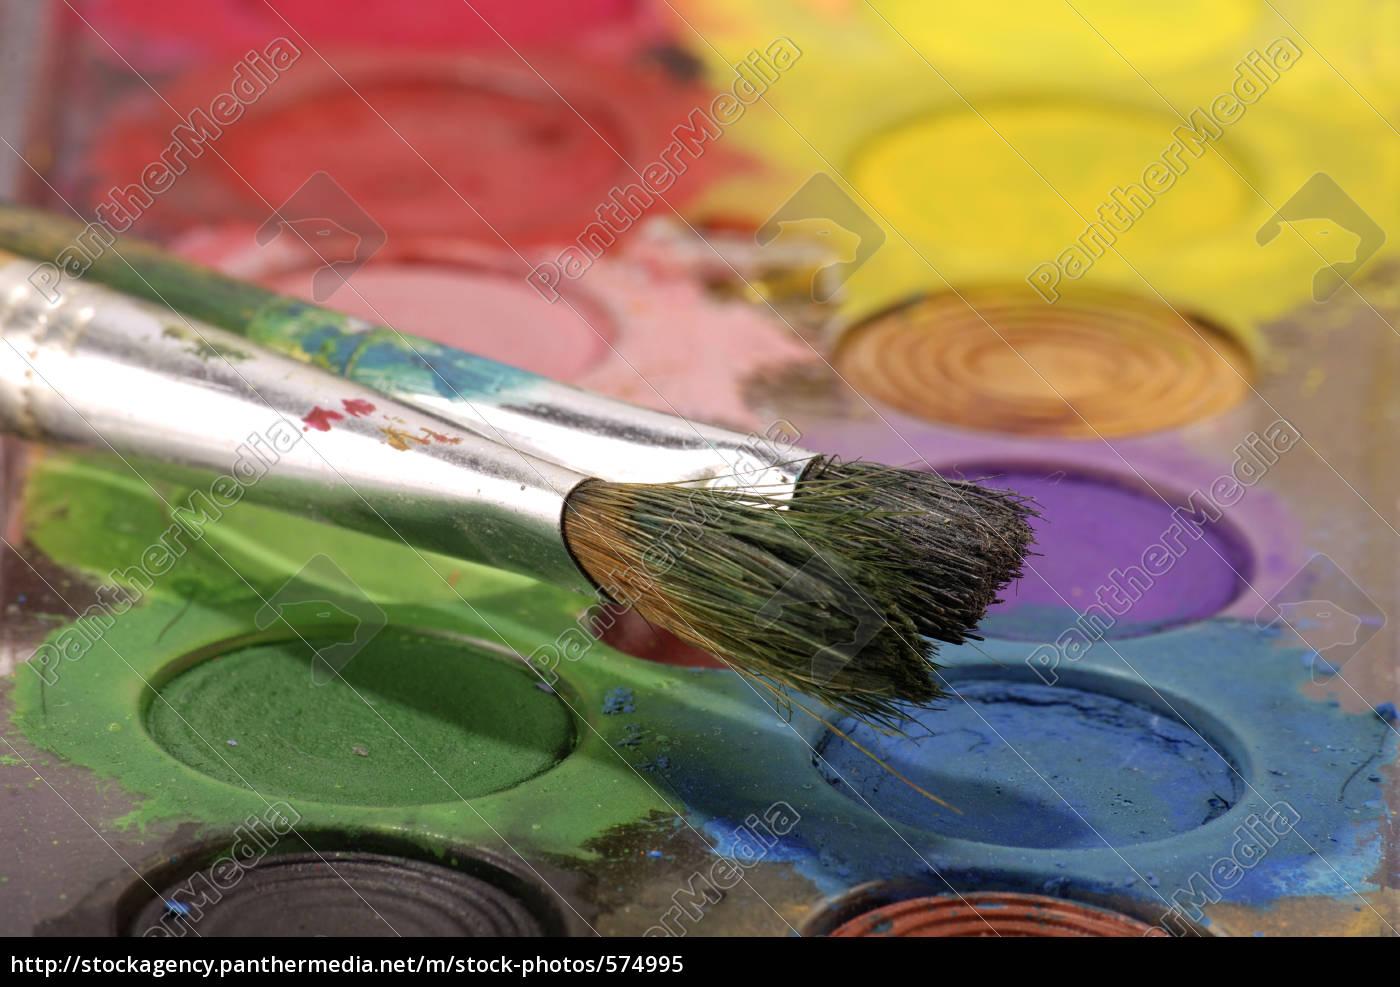 paintbox - 574995